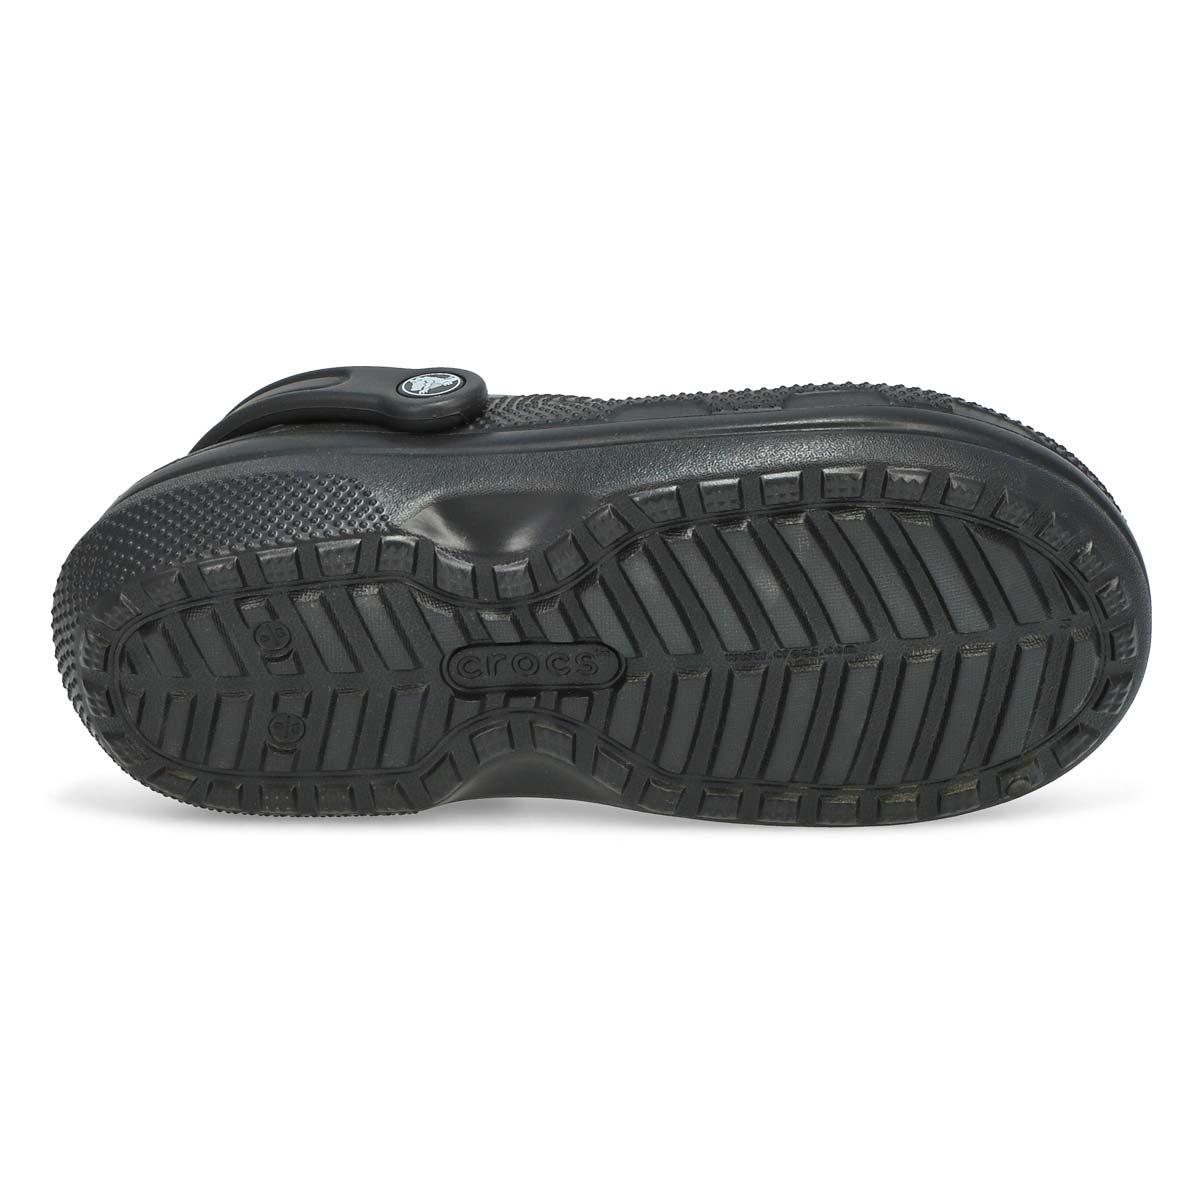 quality design 602b1 7c4f8 Crocs | Clogs | SoftMoc.com